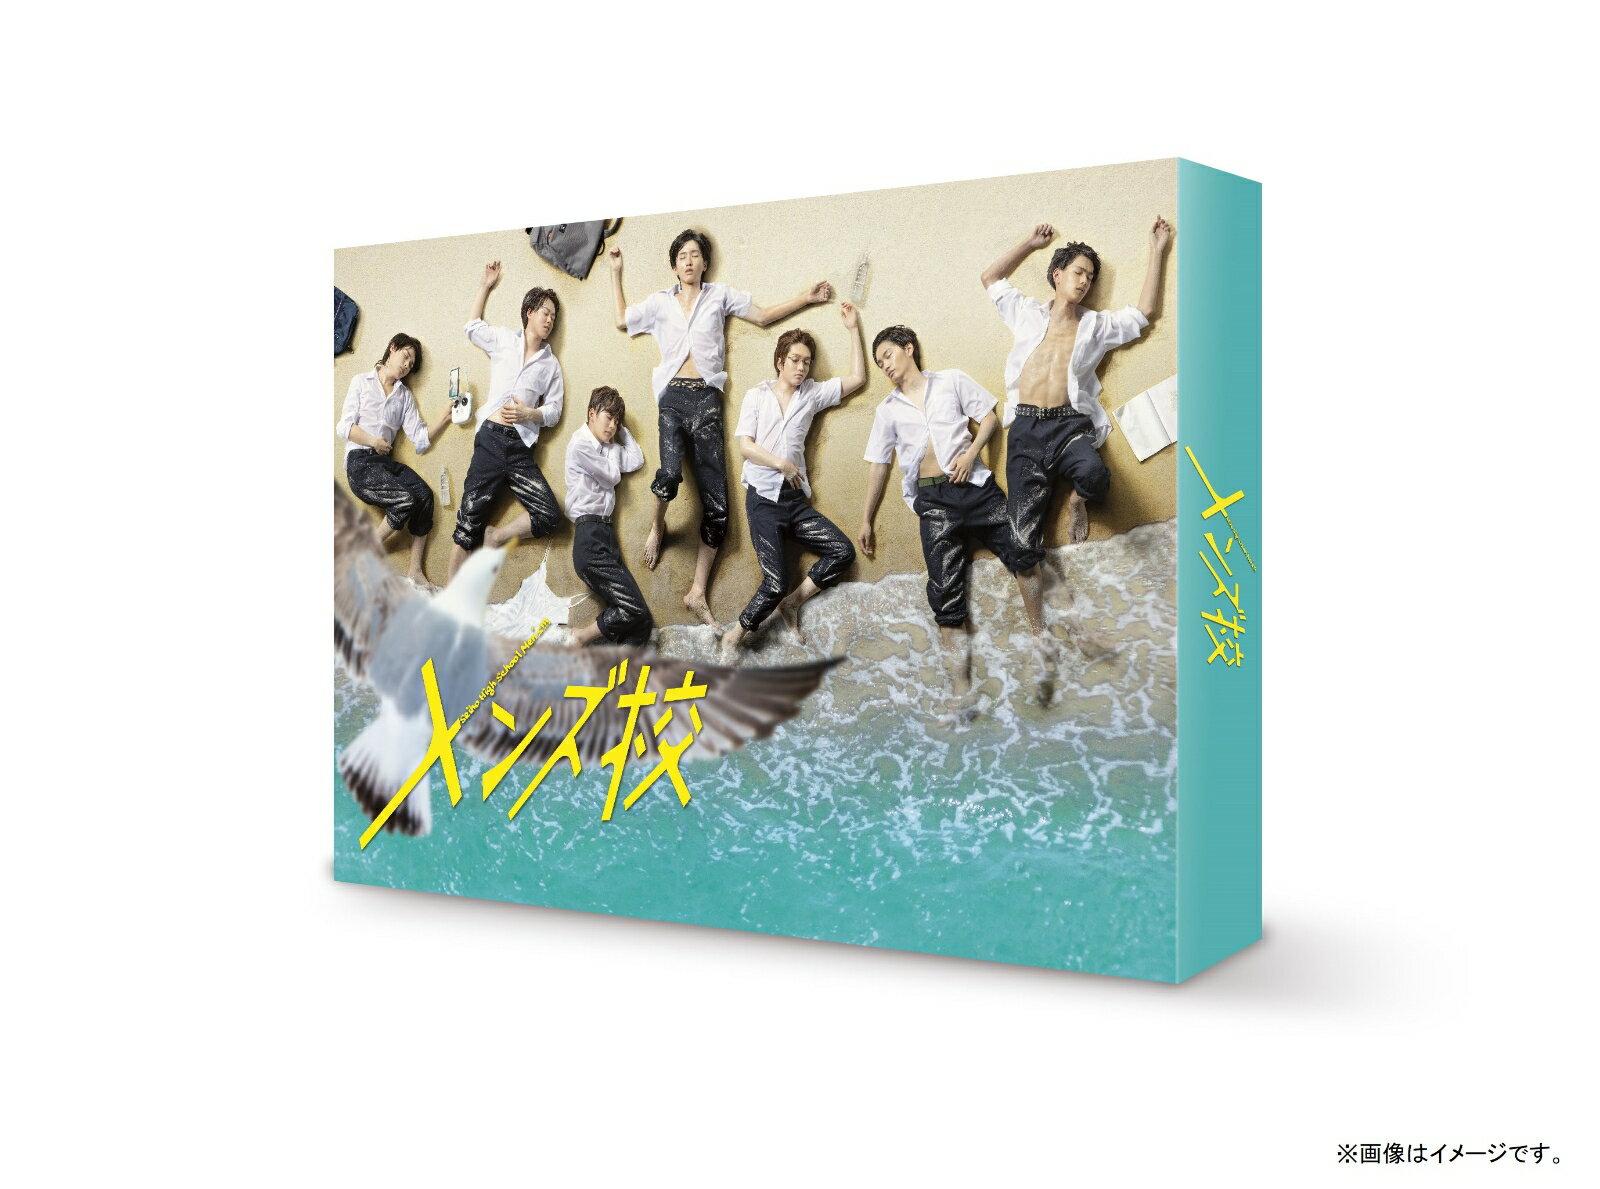 メンズ校 DVD BOX(5枚組)